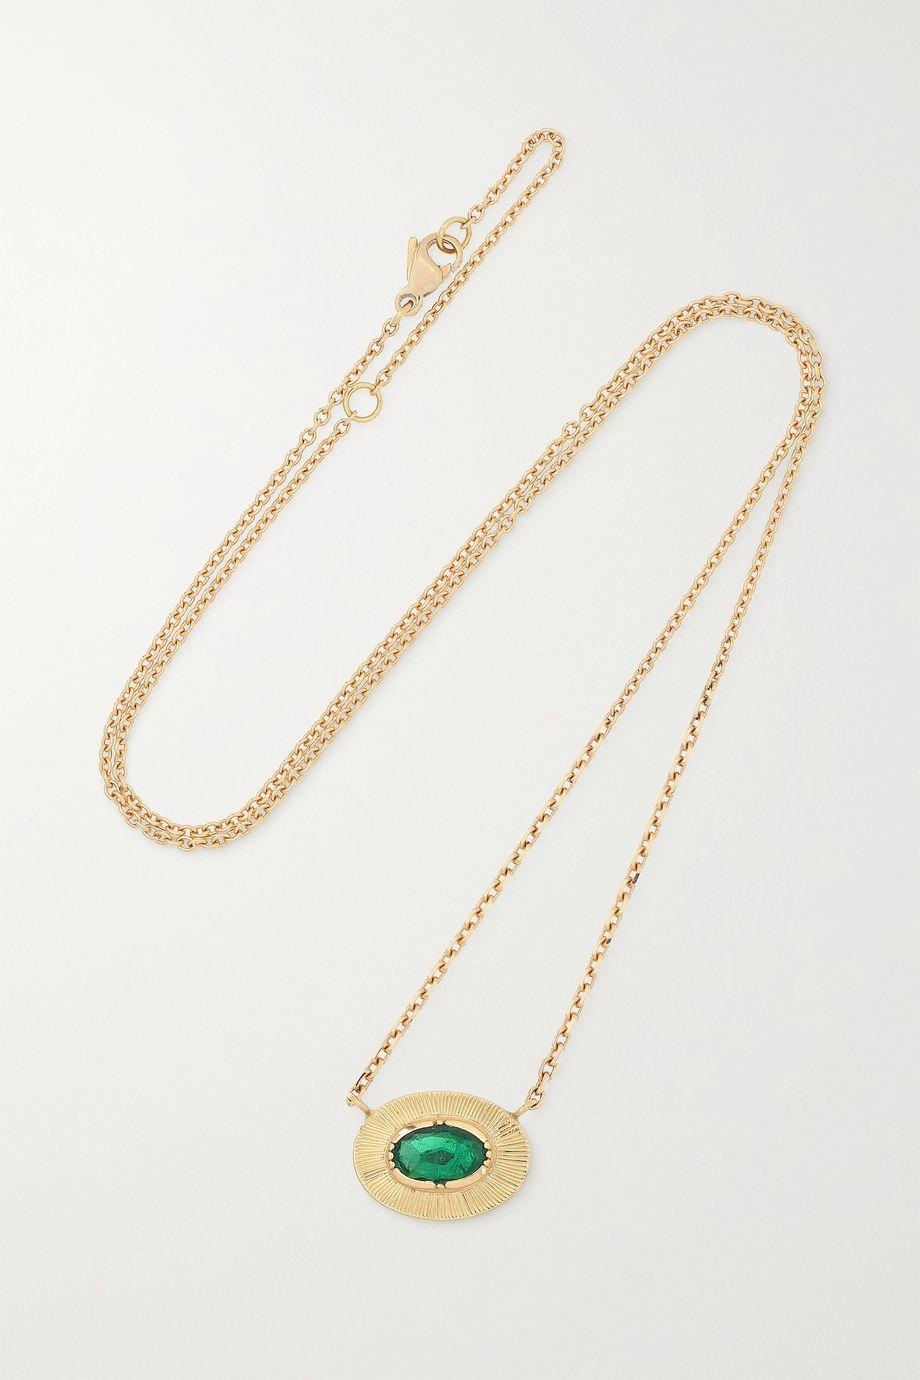 Brooke Gregson Ellipse 18-karat gold emerald necklace